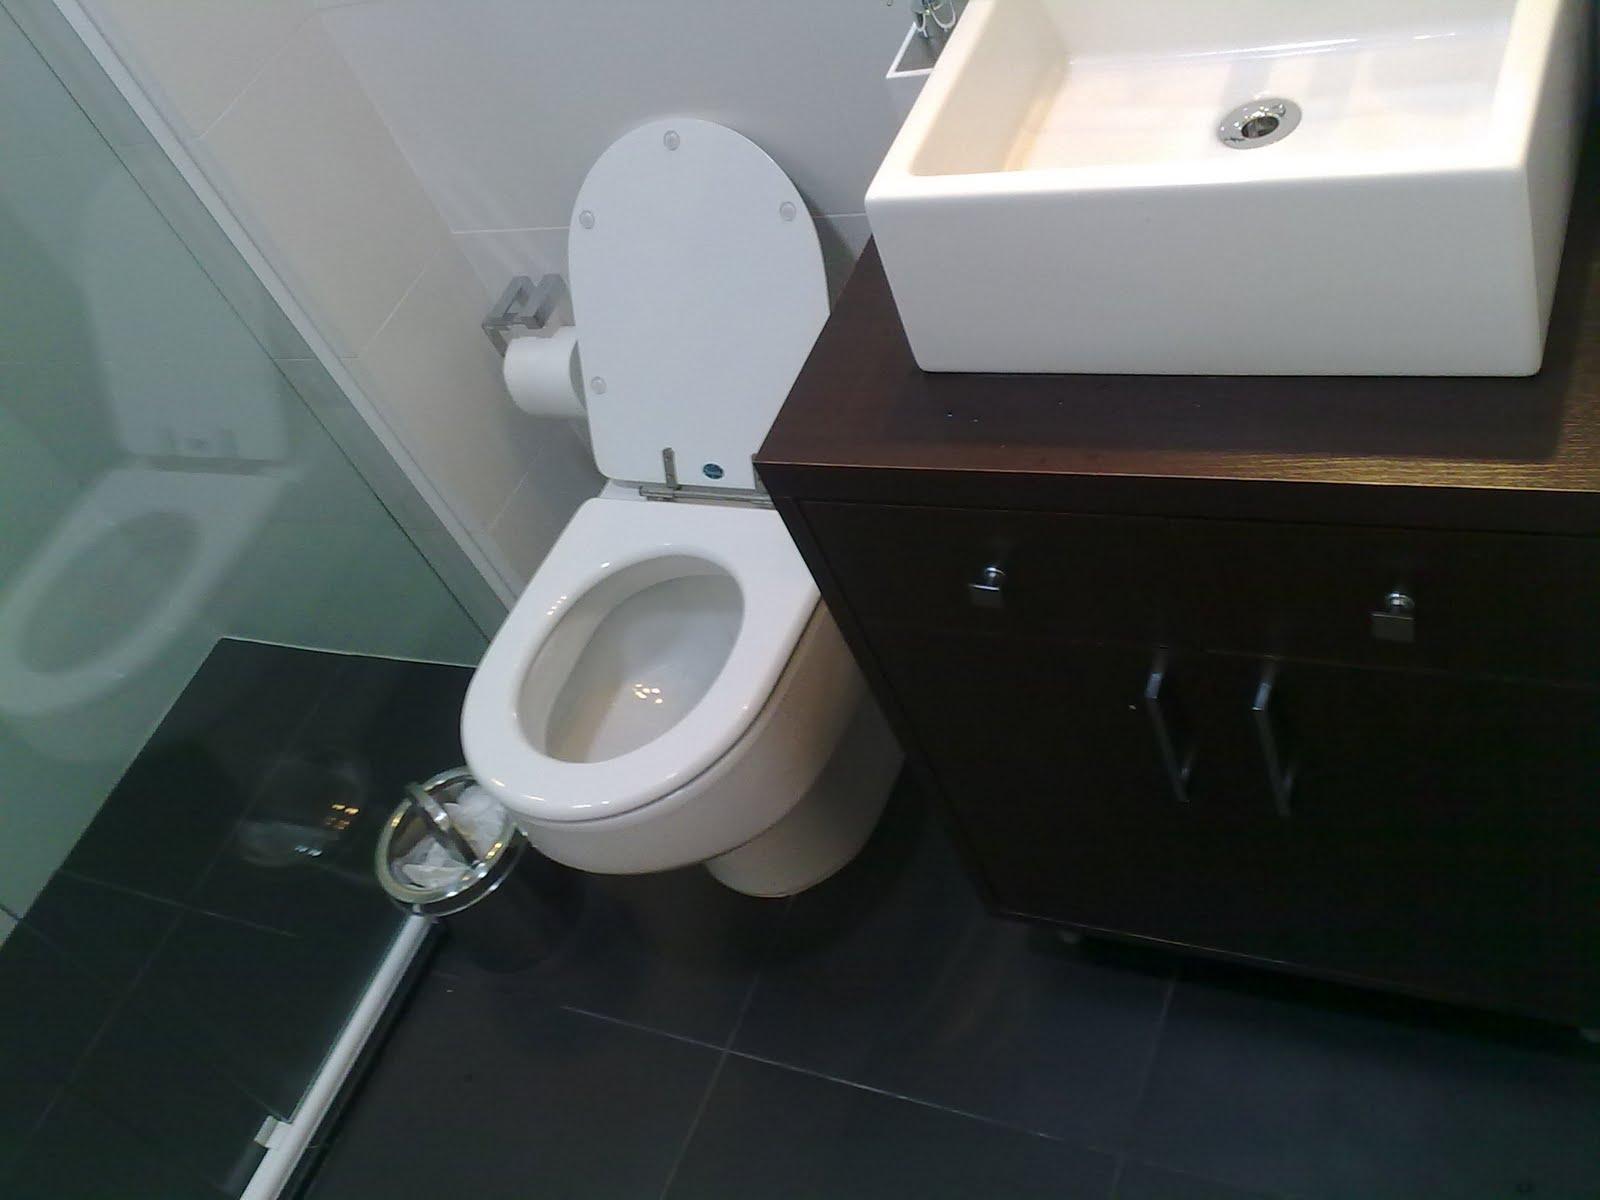 Piso Escuro para Banheiro Azulejo e Revestimento Construdeia #705F45 1600x1200 Banheiro Branco Com Rejunte Escuro